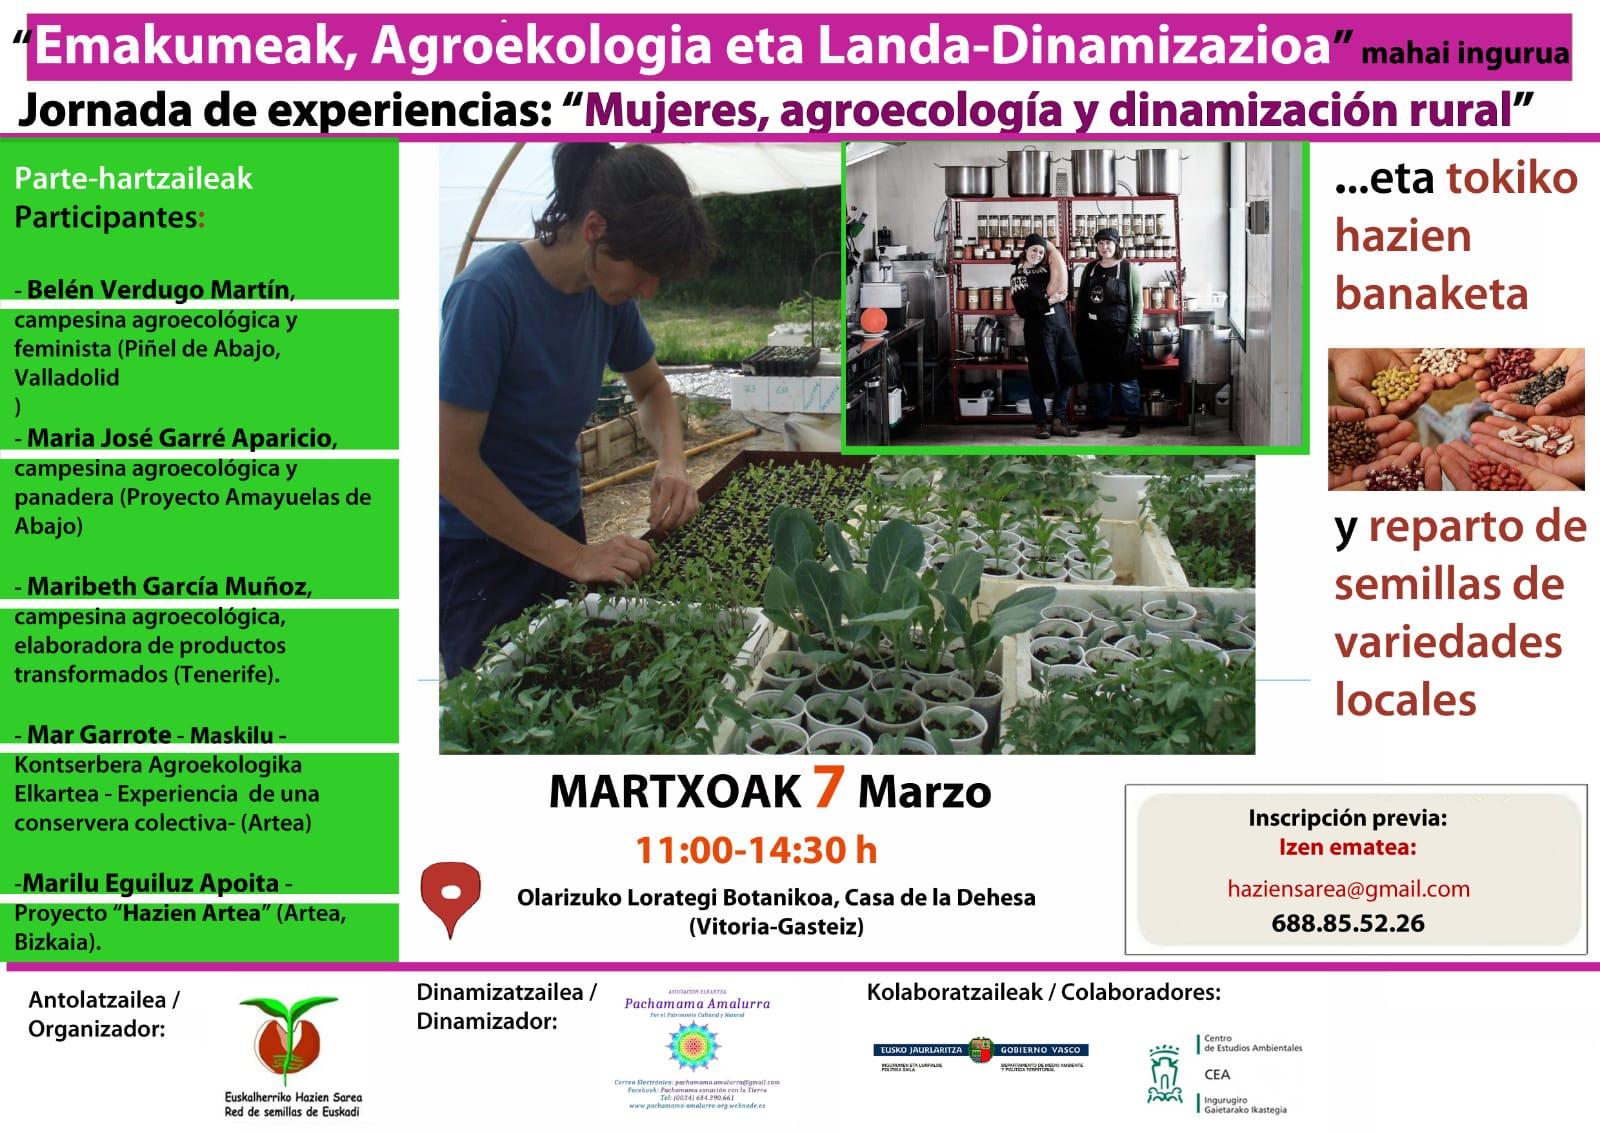 Mujeres, Agroecologia y dinamización rural